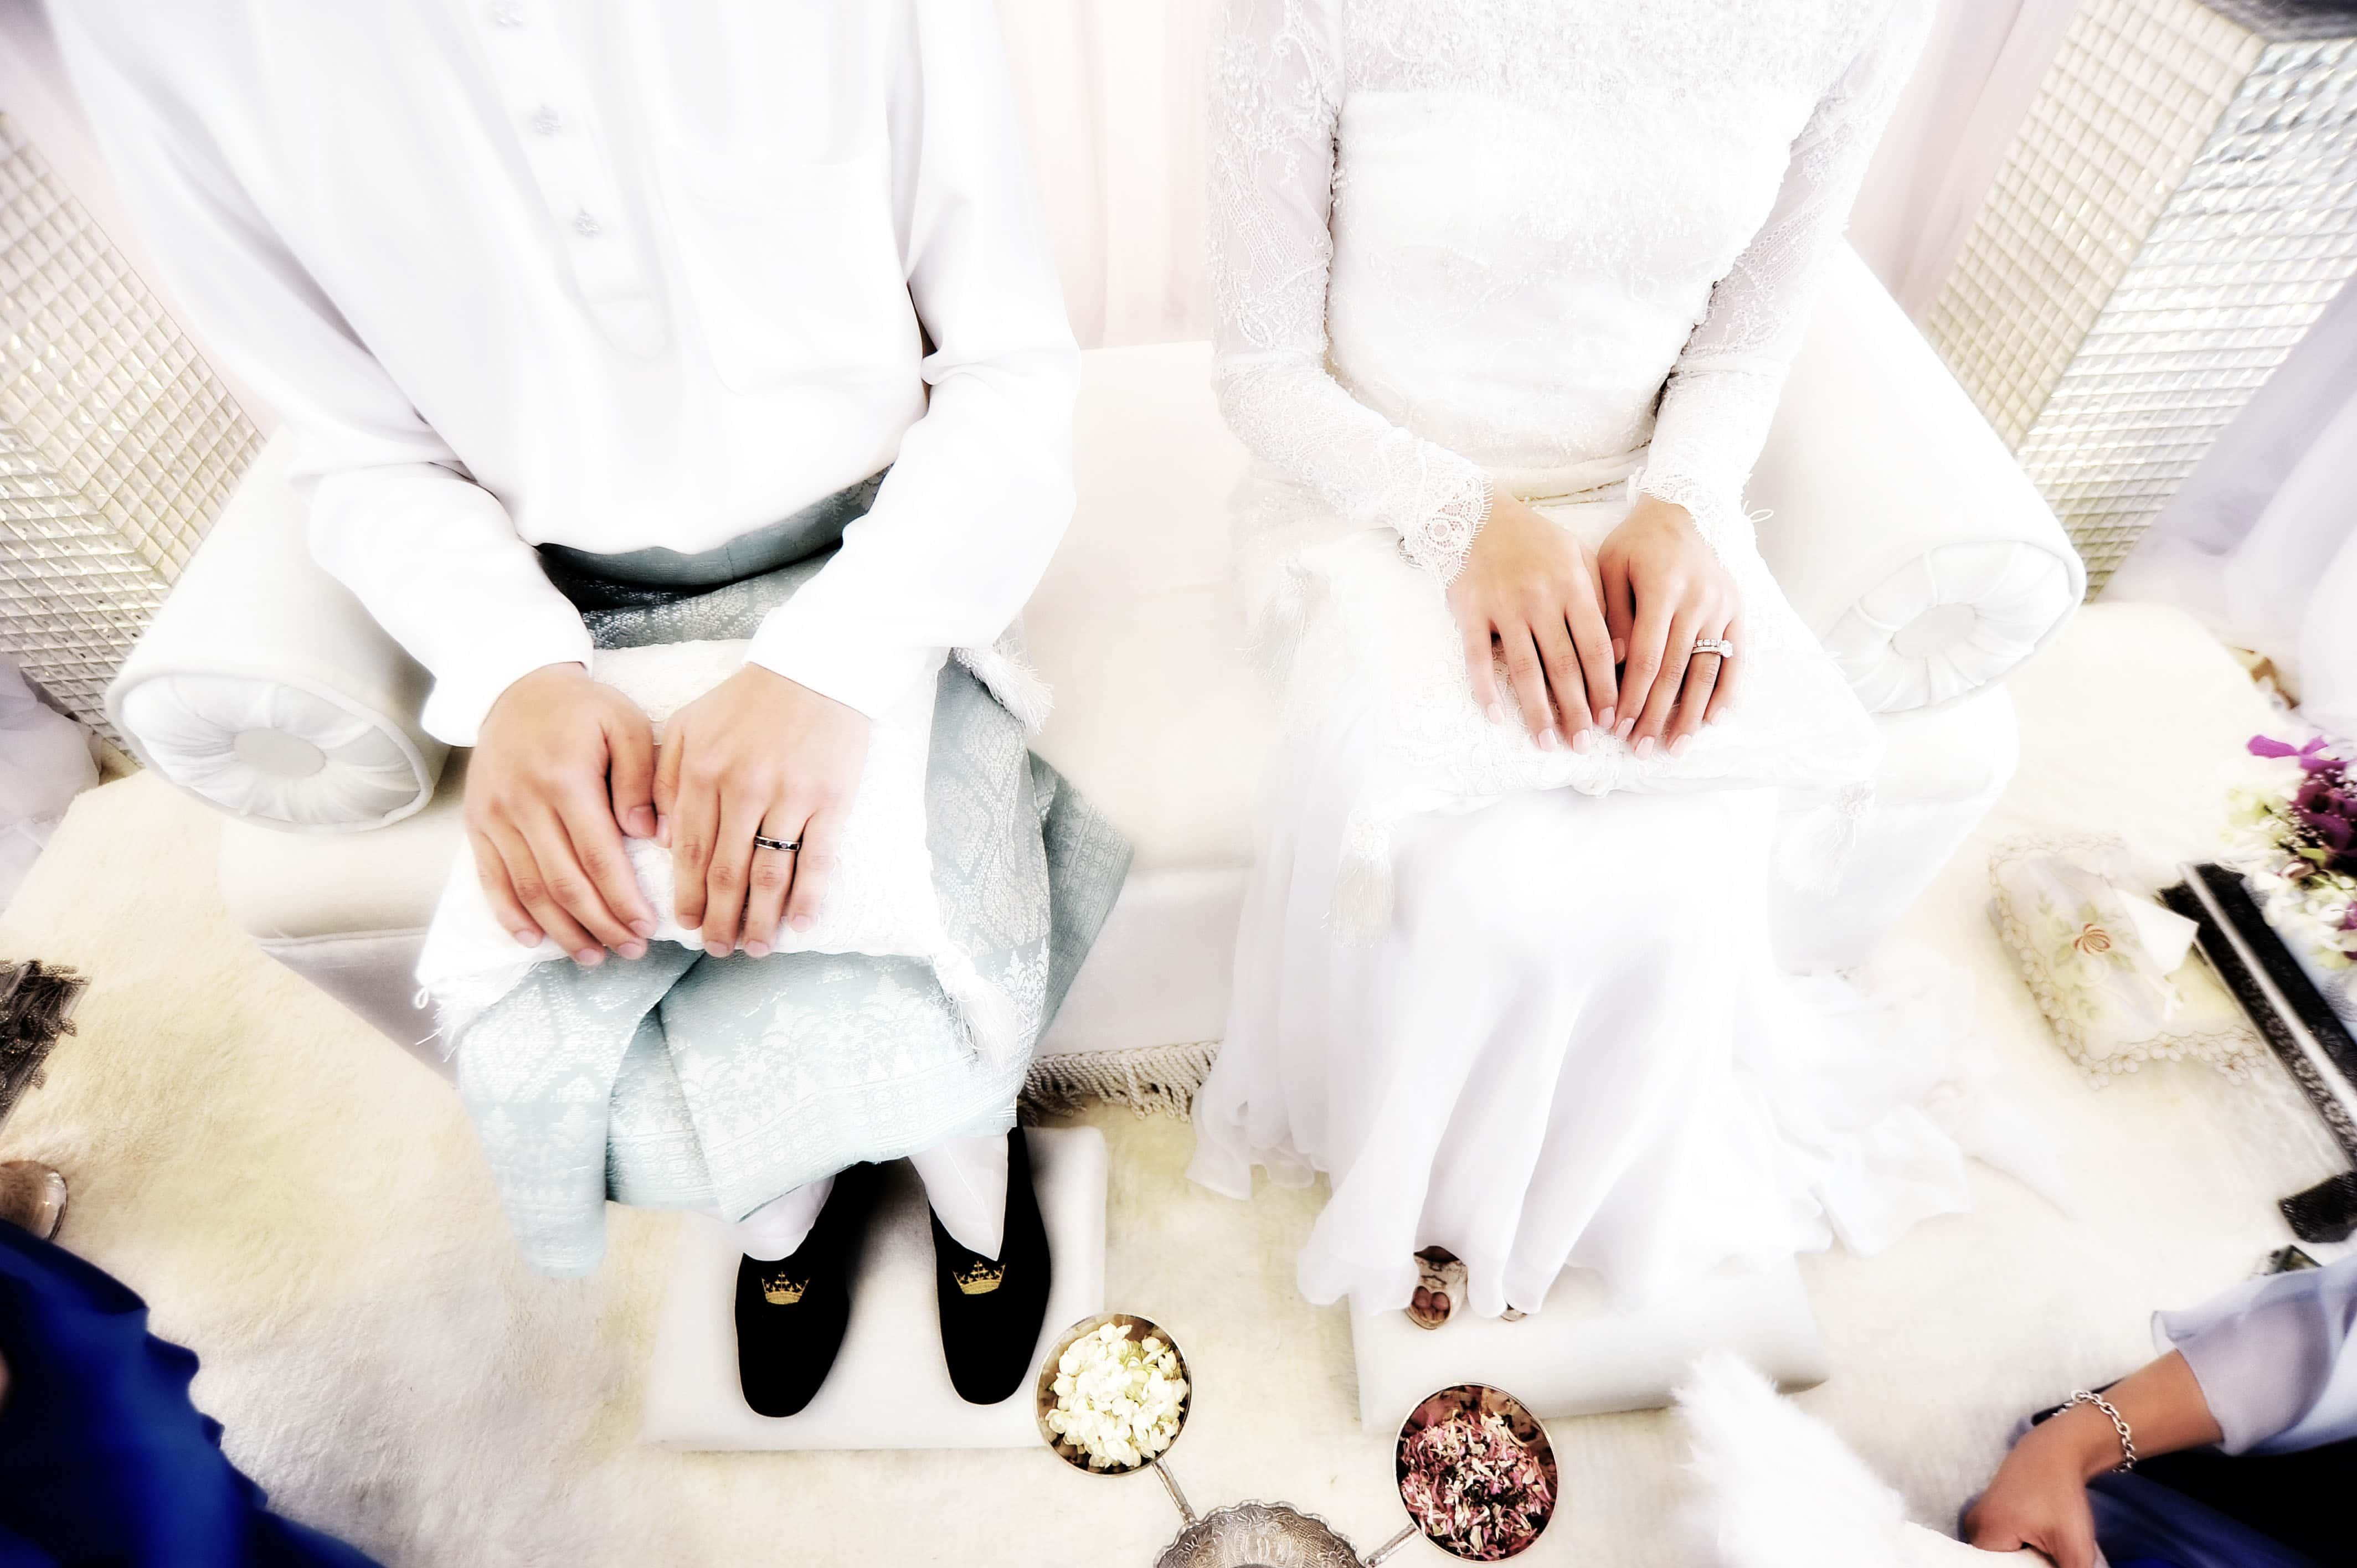 ขั้นตอนพิธีแต่งงานตามหลักศาสนาอิสลาม (นิกะห์)